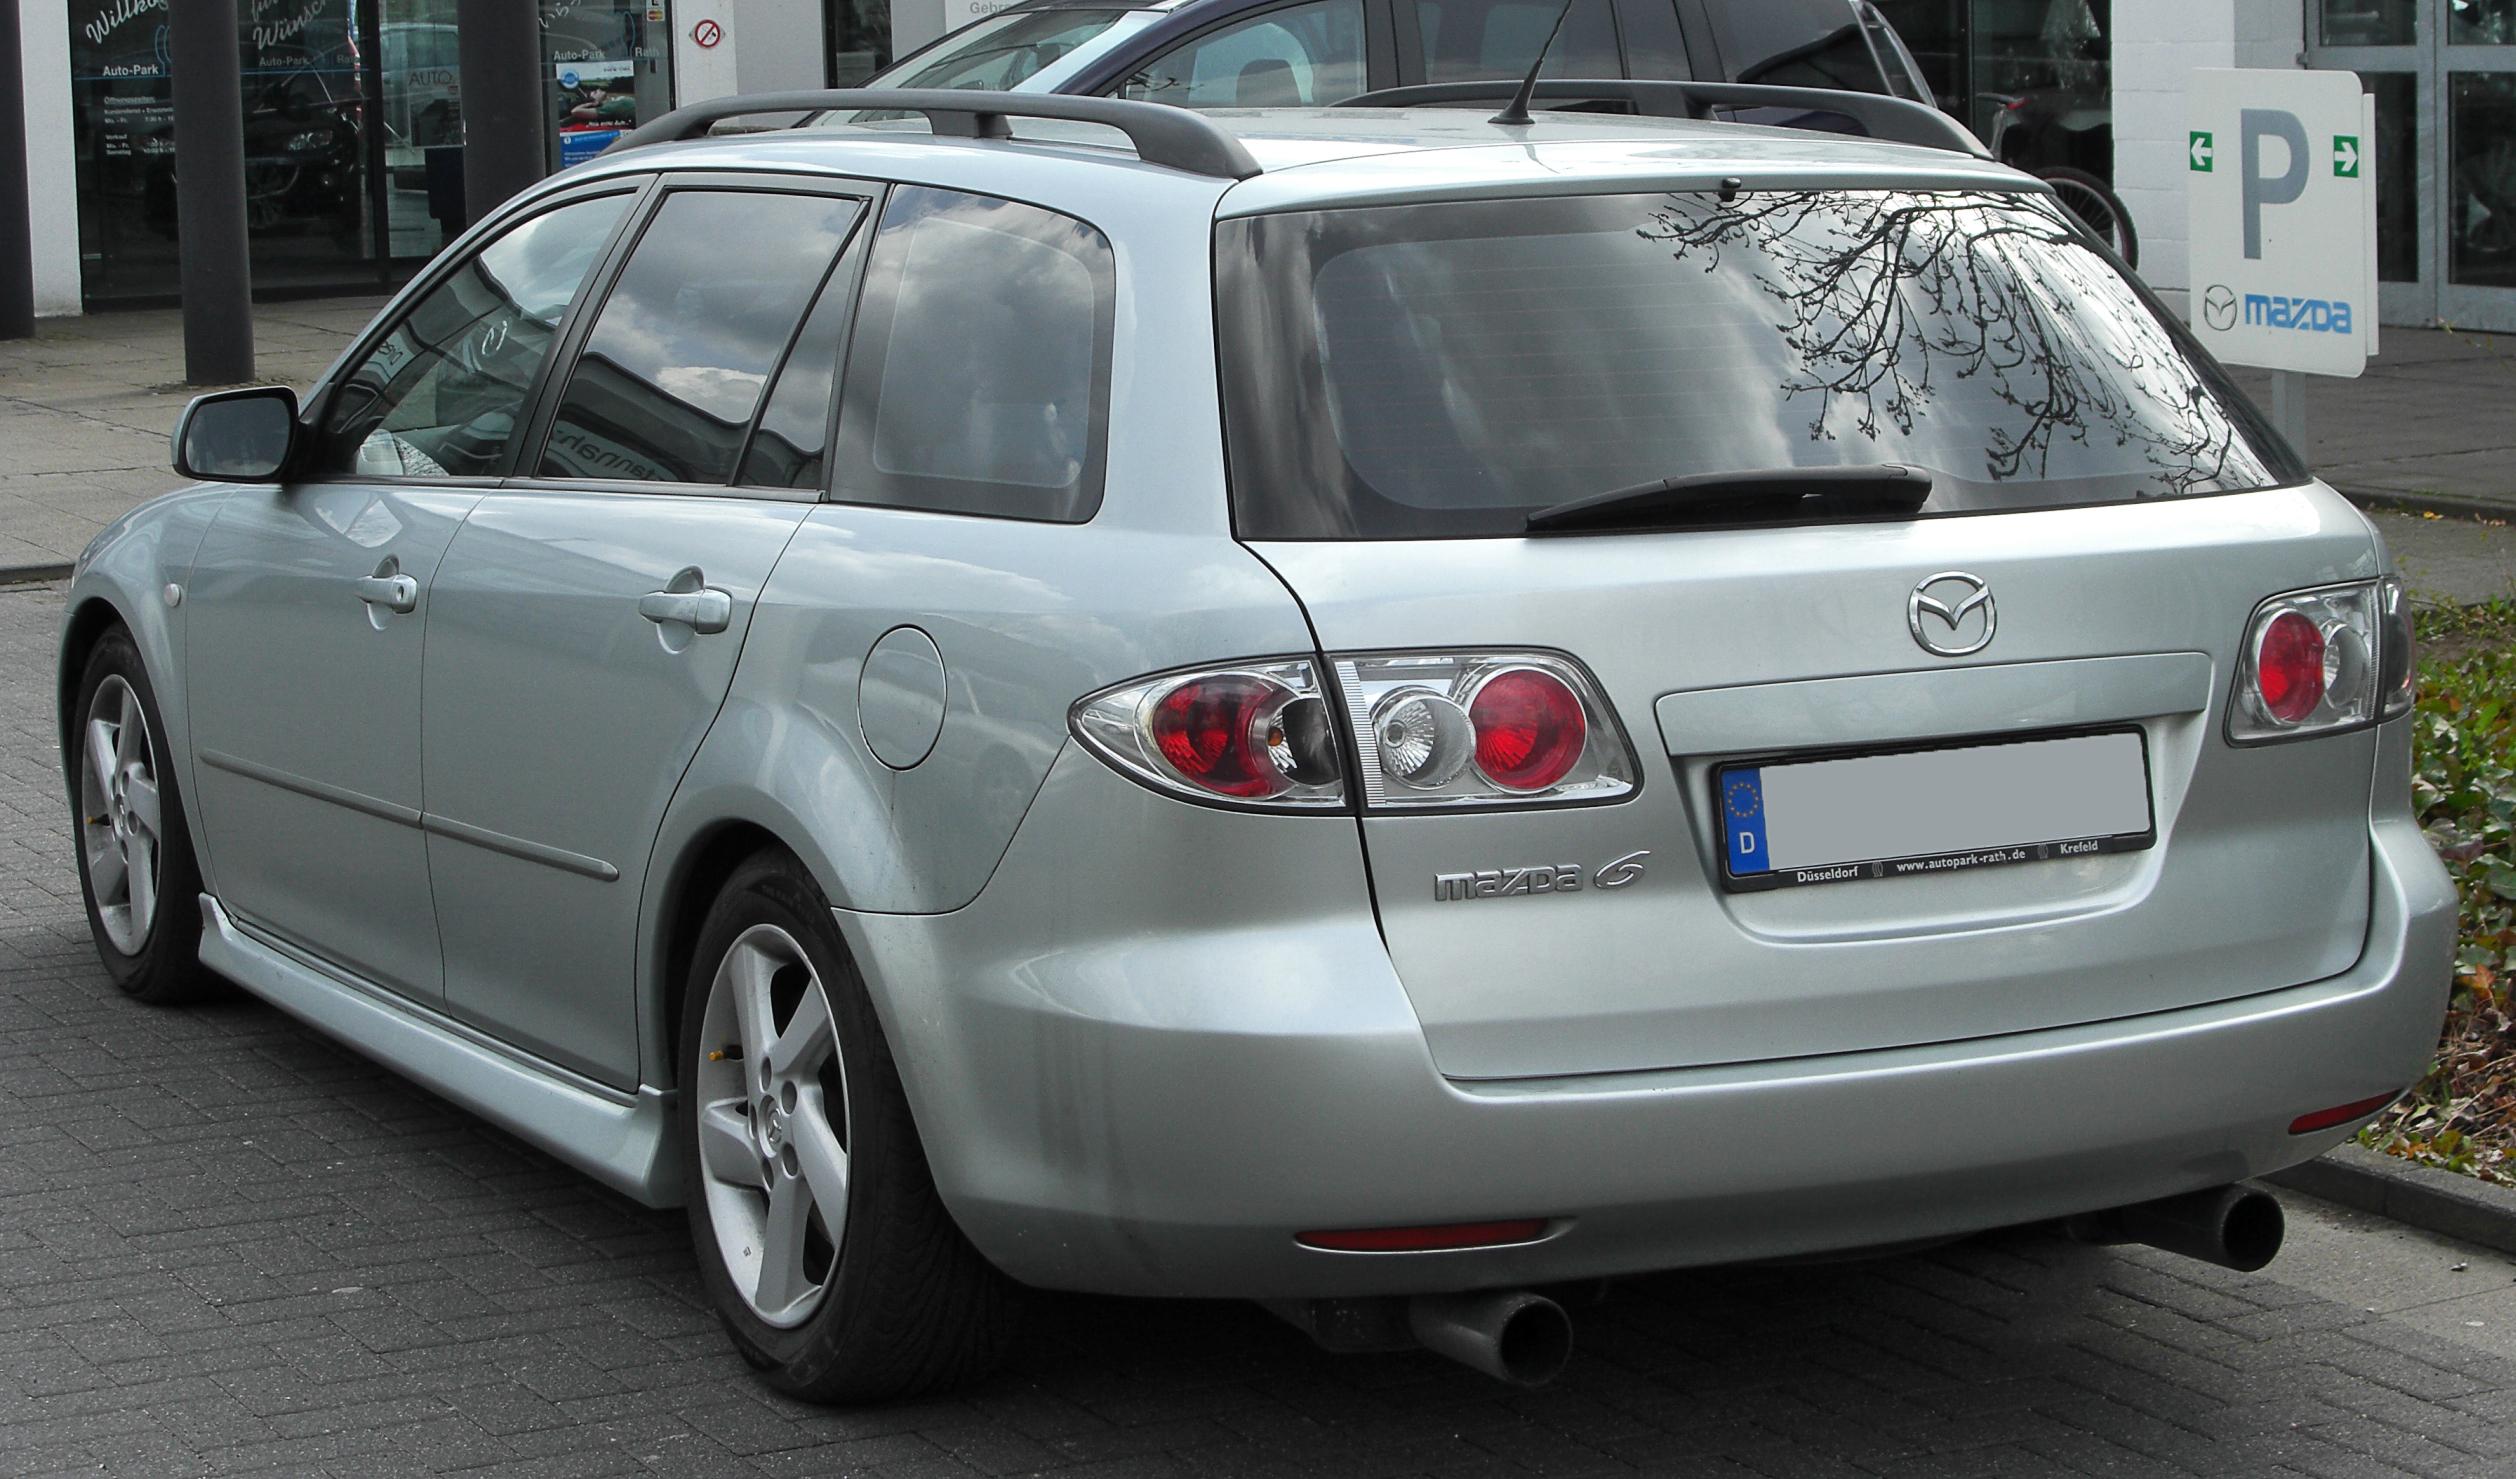 Mazda 6 Wiki >> File:Mazda6 Sport Kombi I rear 20100405.jpg - Wikimedia Commons